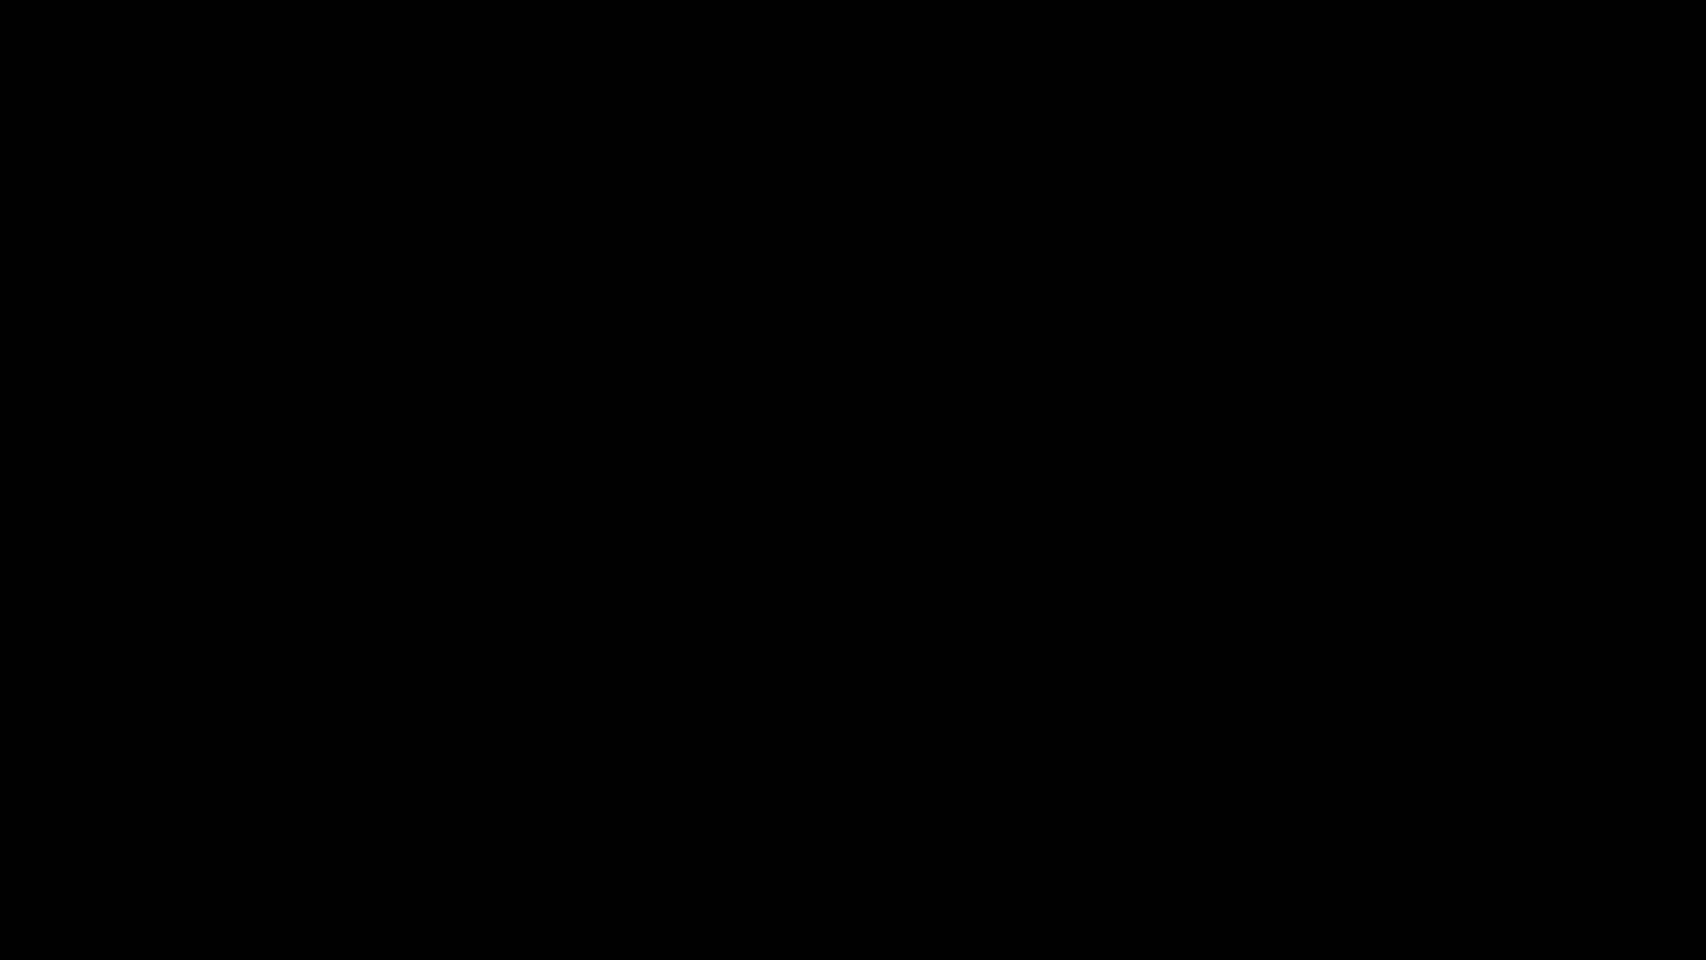 18229_10.jpg